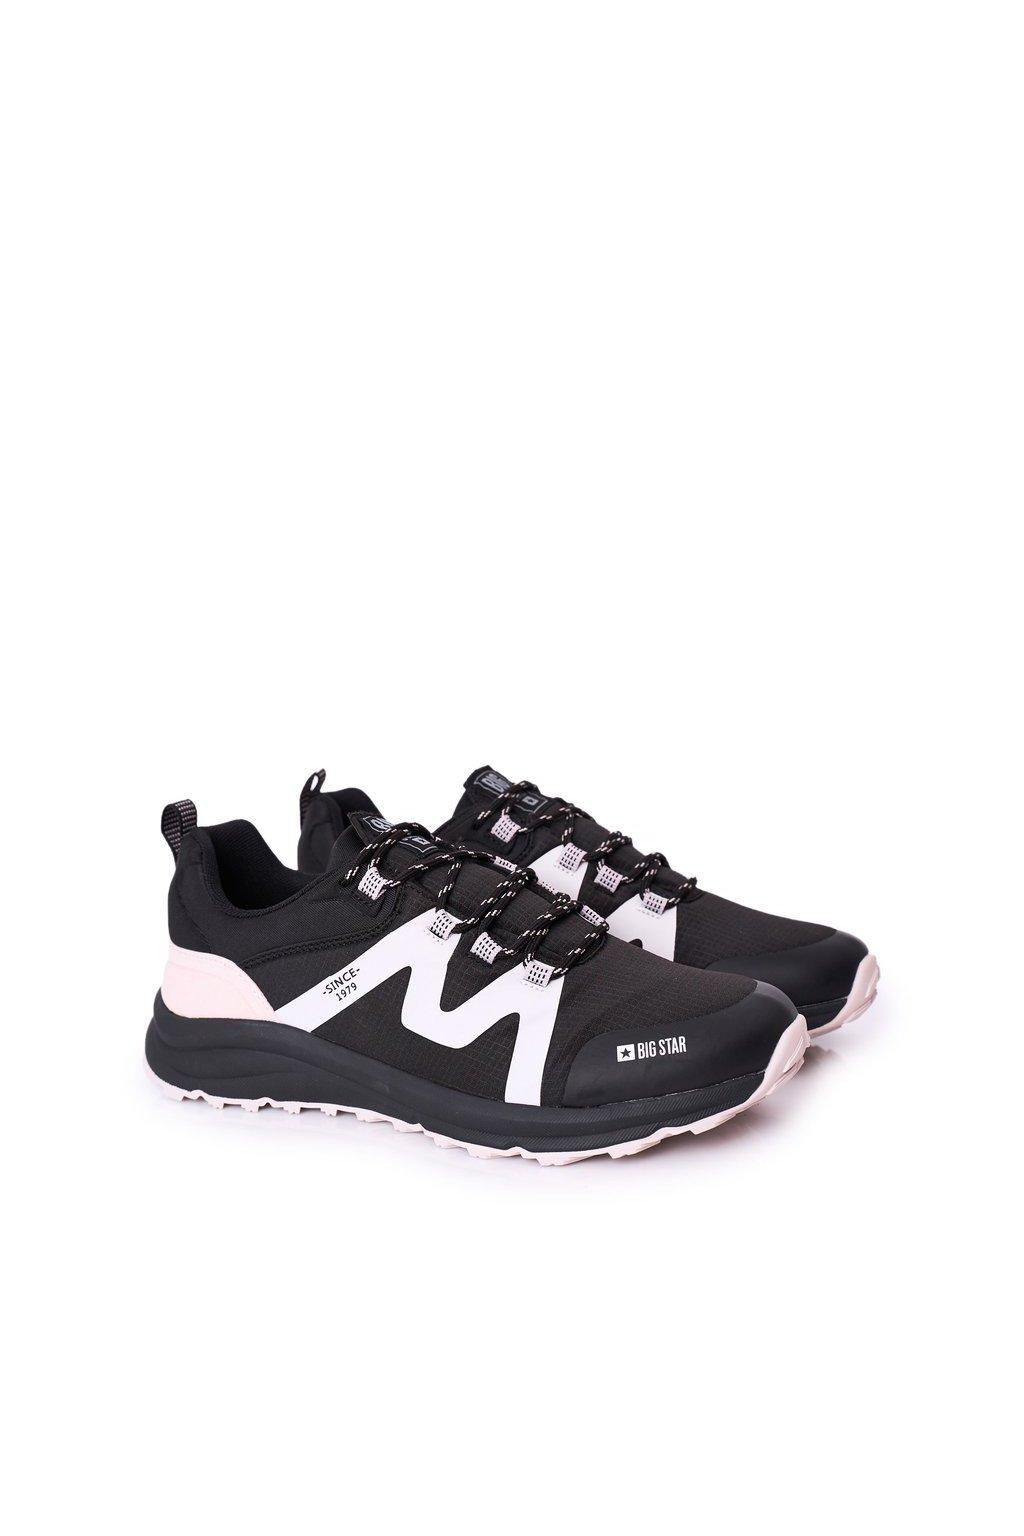 Čierna obuv kód topánok HH174088 BLACK